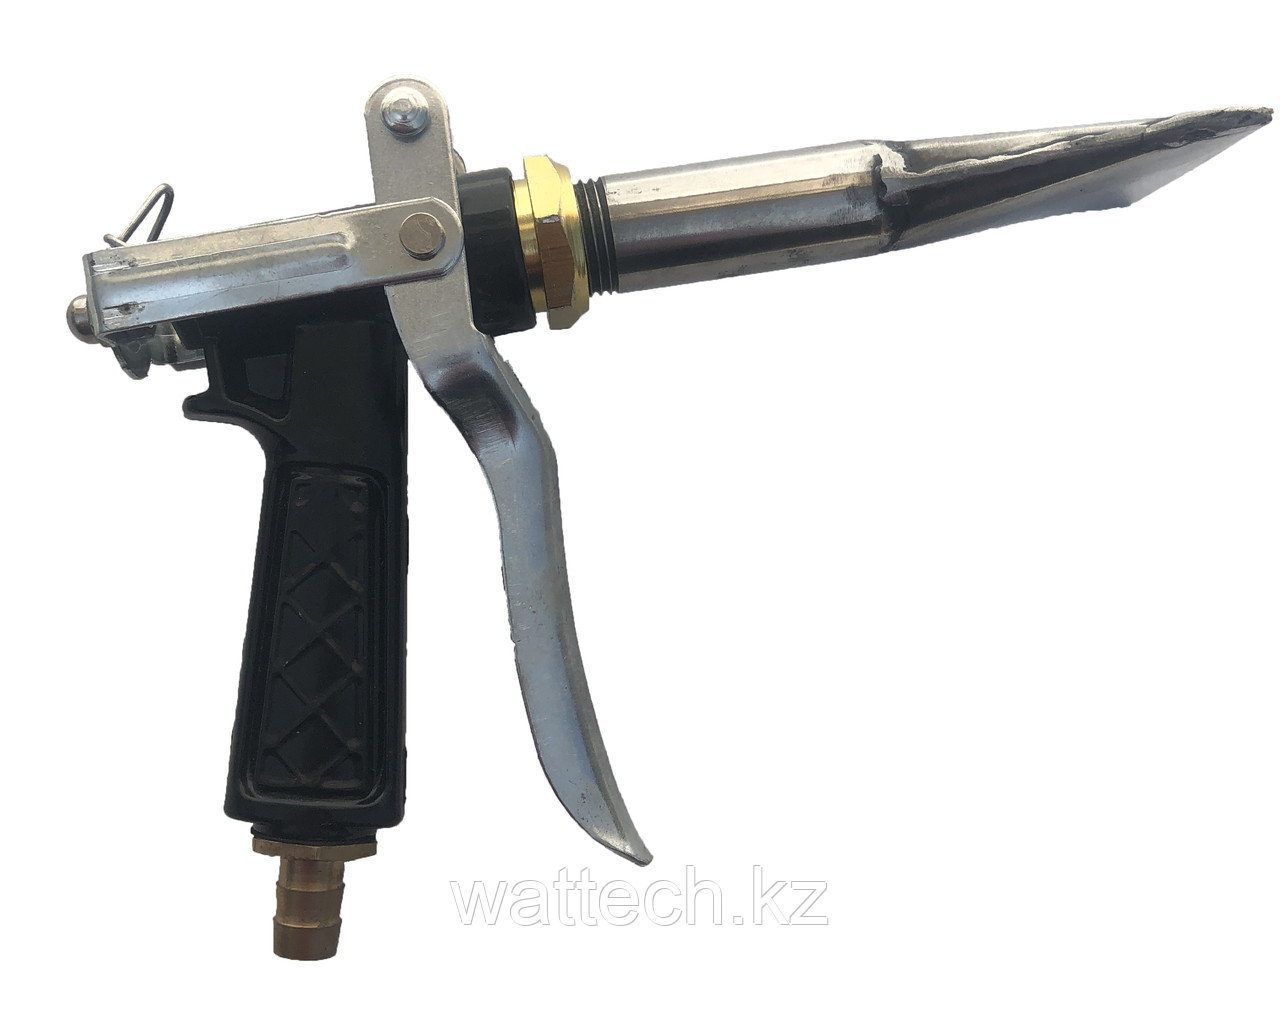 Пистолет удочка для пено-генератора